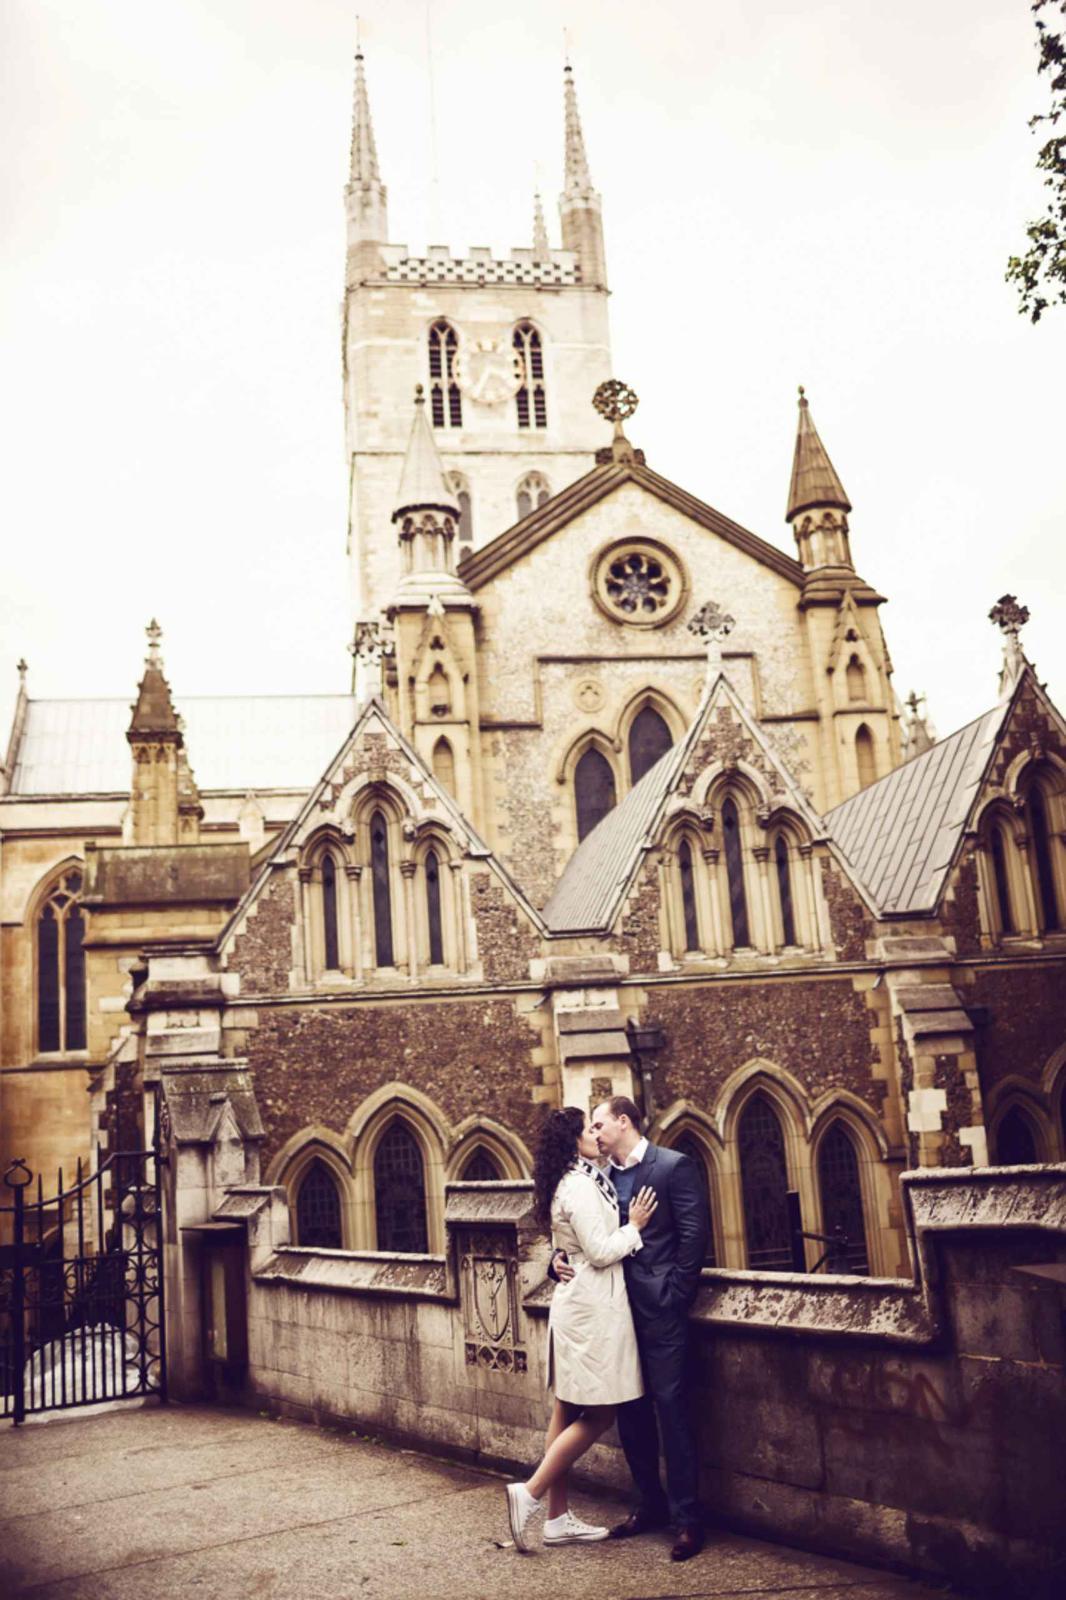 I 💜 London- nase mladomanzelske rande 💜 - Obrázok č. 3